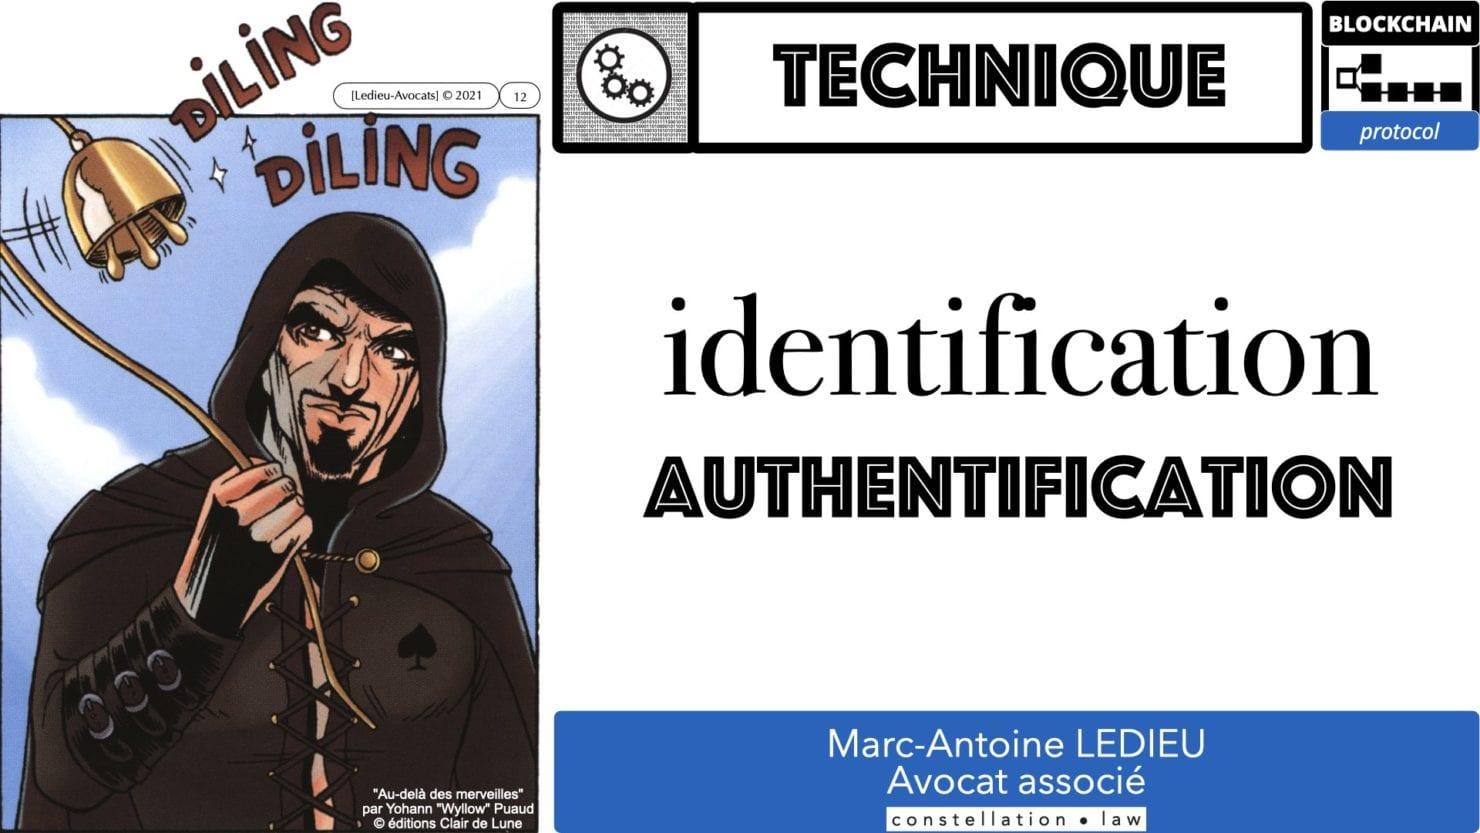 341 chiffrement cryptographie symetrique asymetrique hachage cryptographique TECHNIQUE JURIDIQUE © Ledieu-Avocat 05-07-2021.012